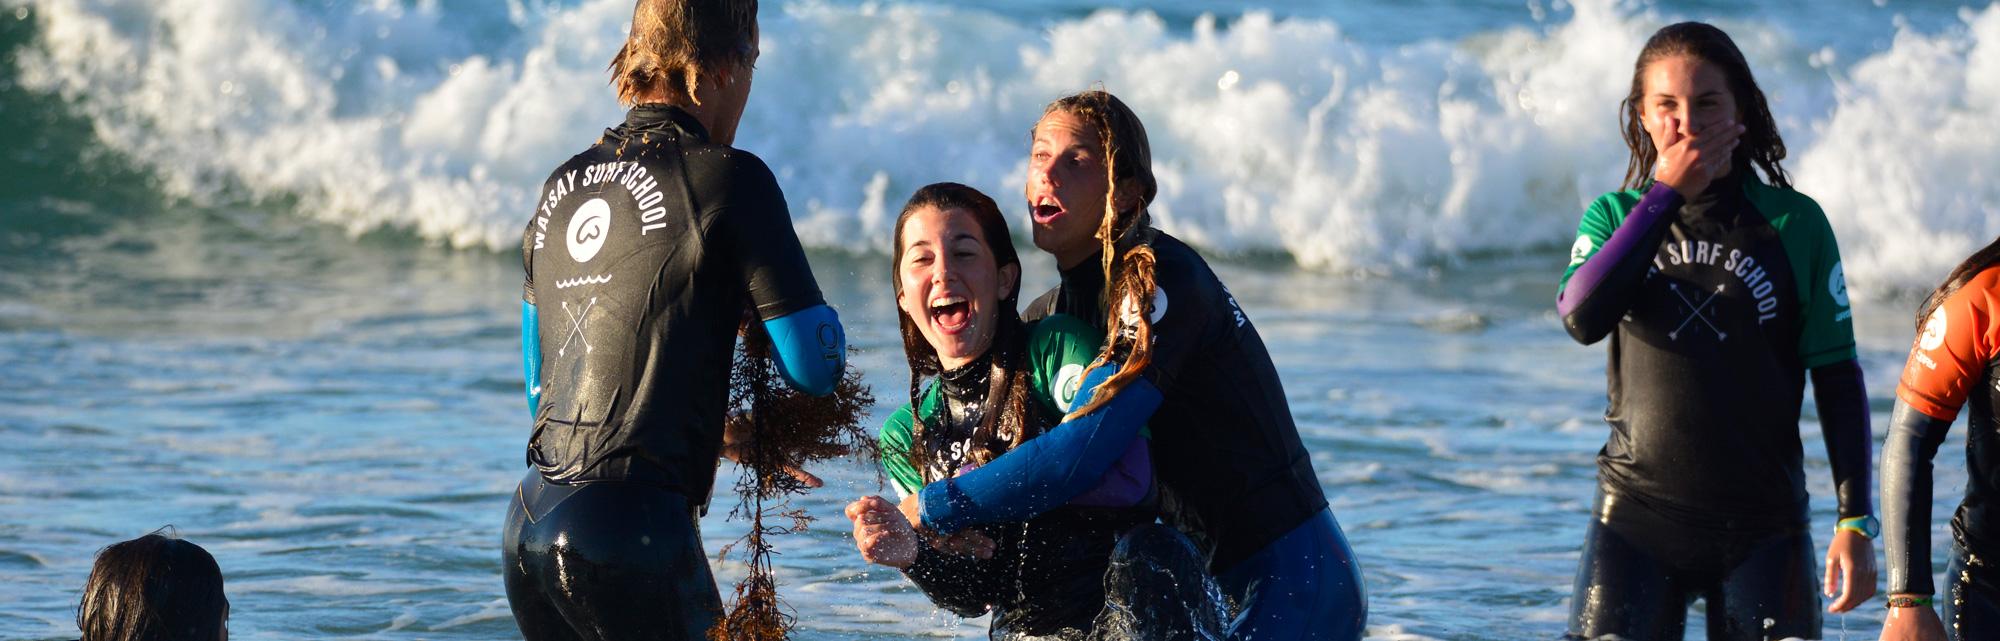 Campamentos de surf agosto